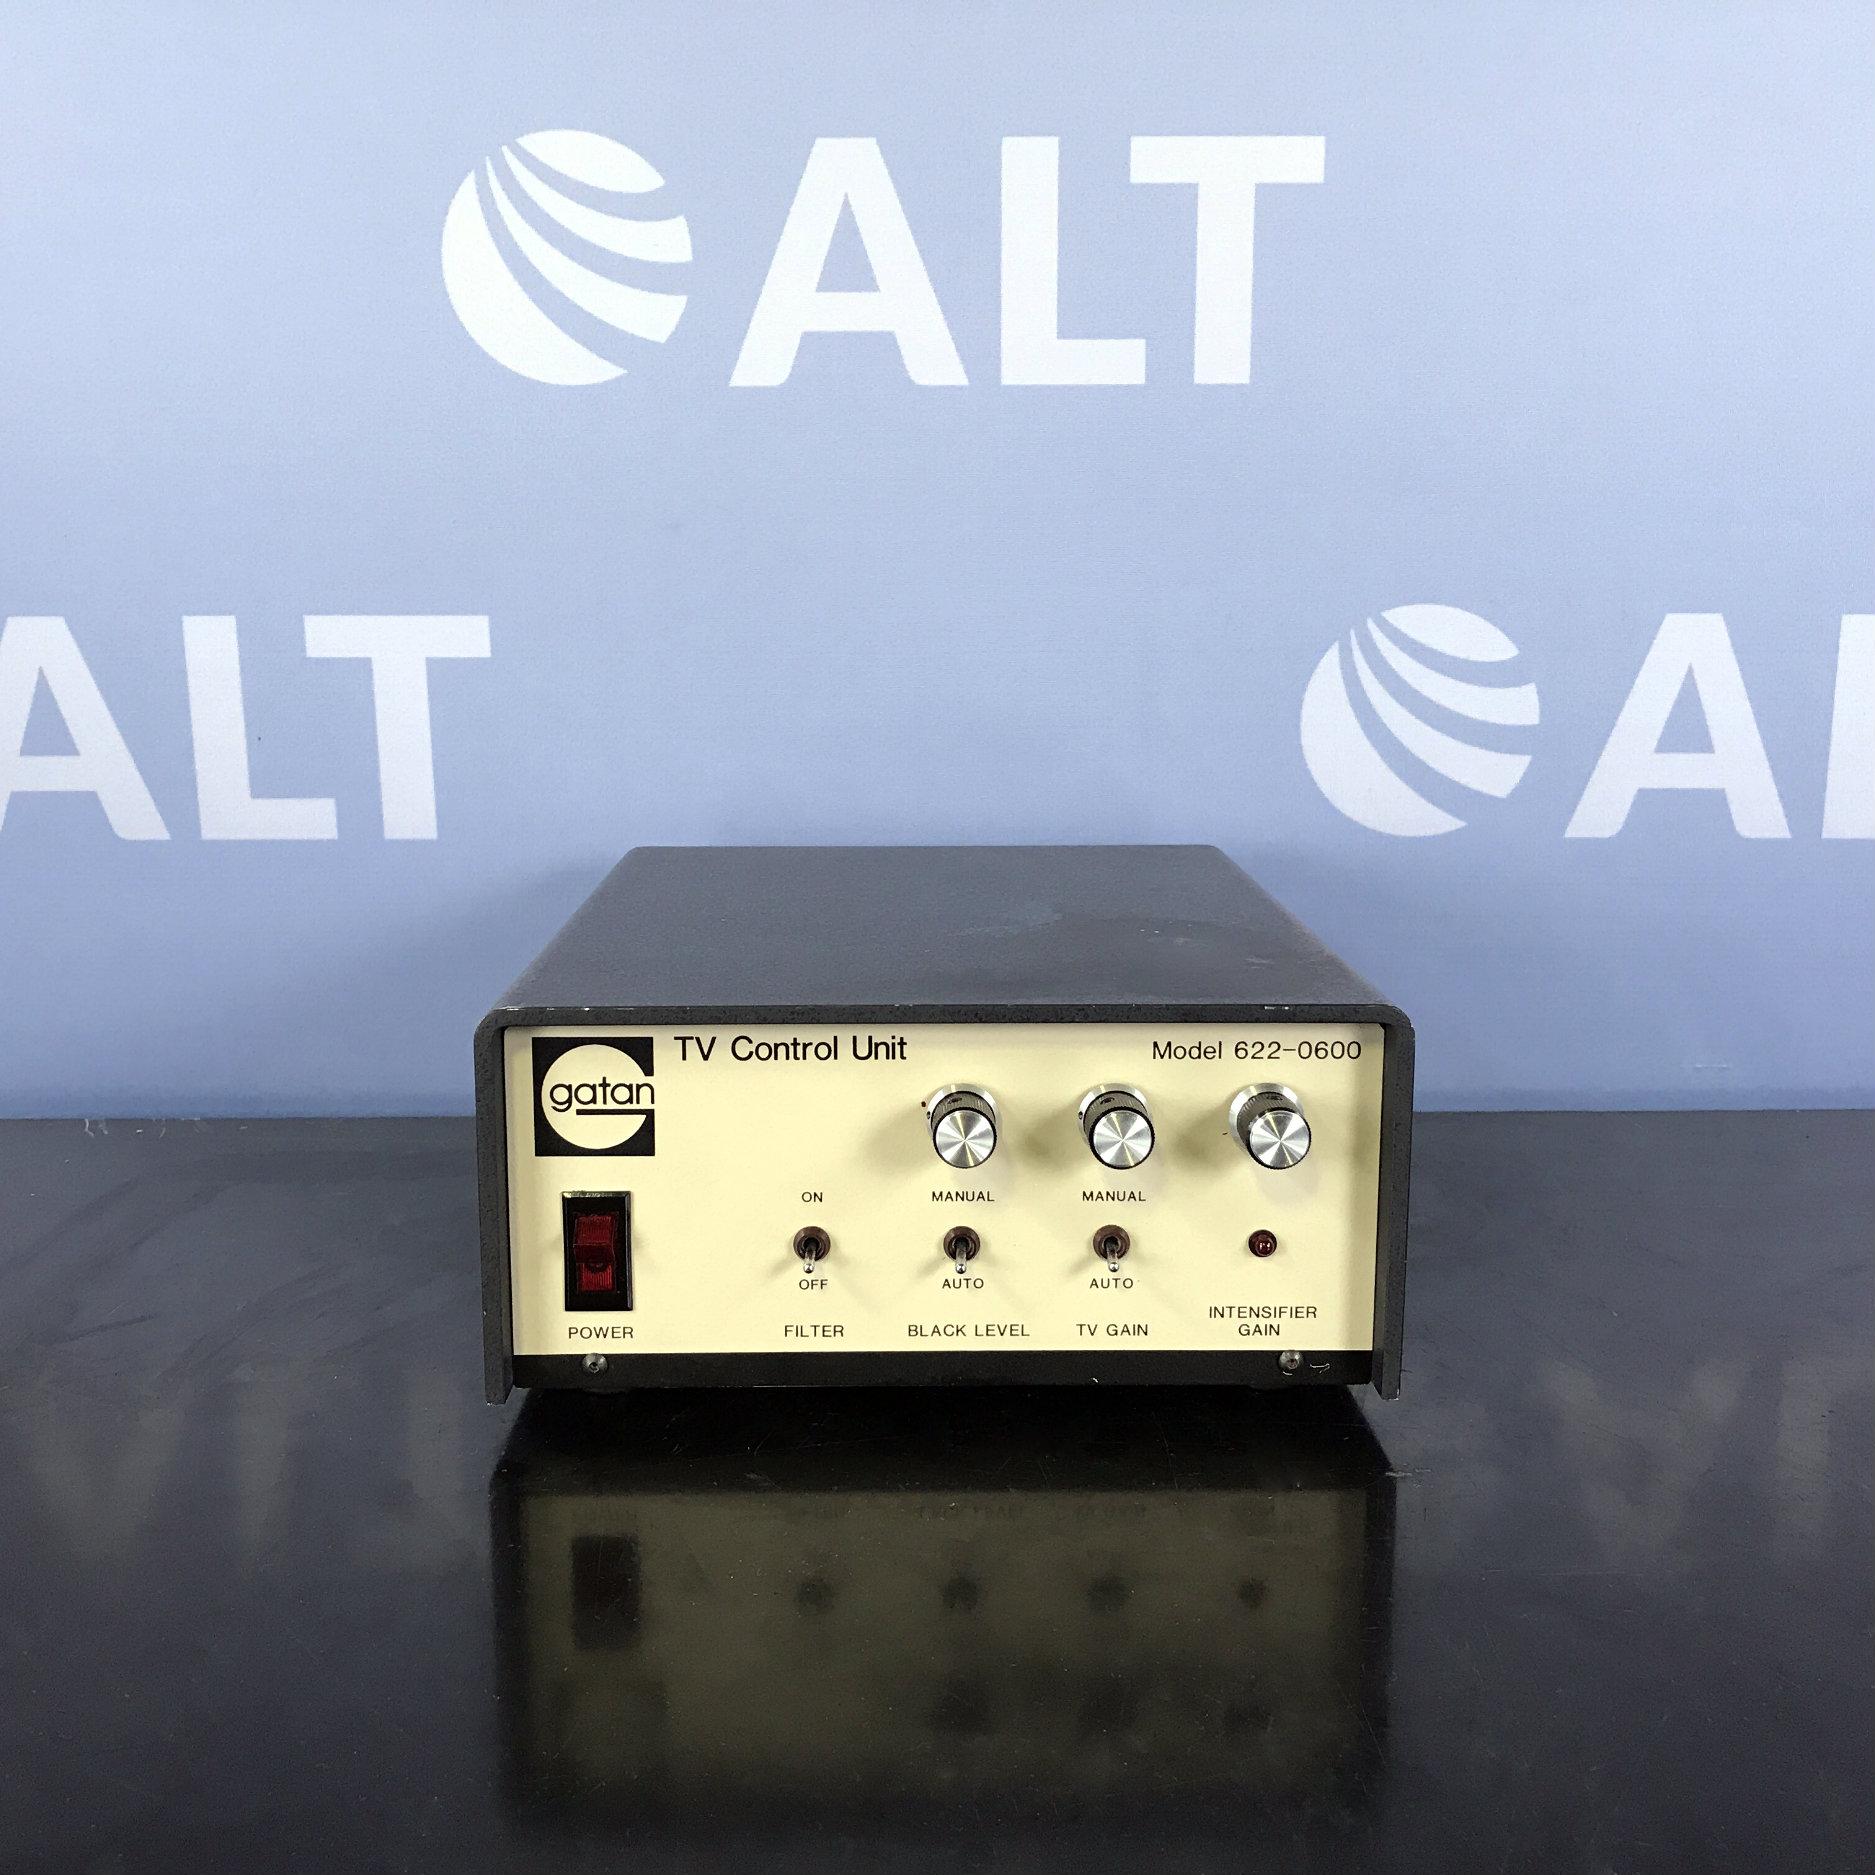 Gatan T.V. Control Unit Model 622-0600 Image